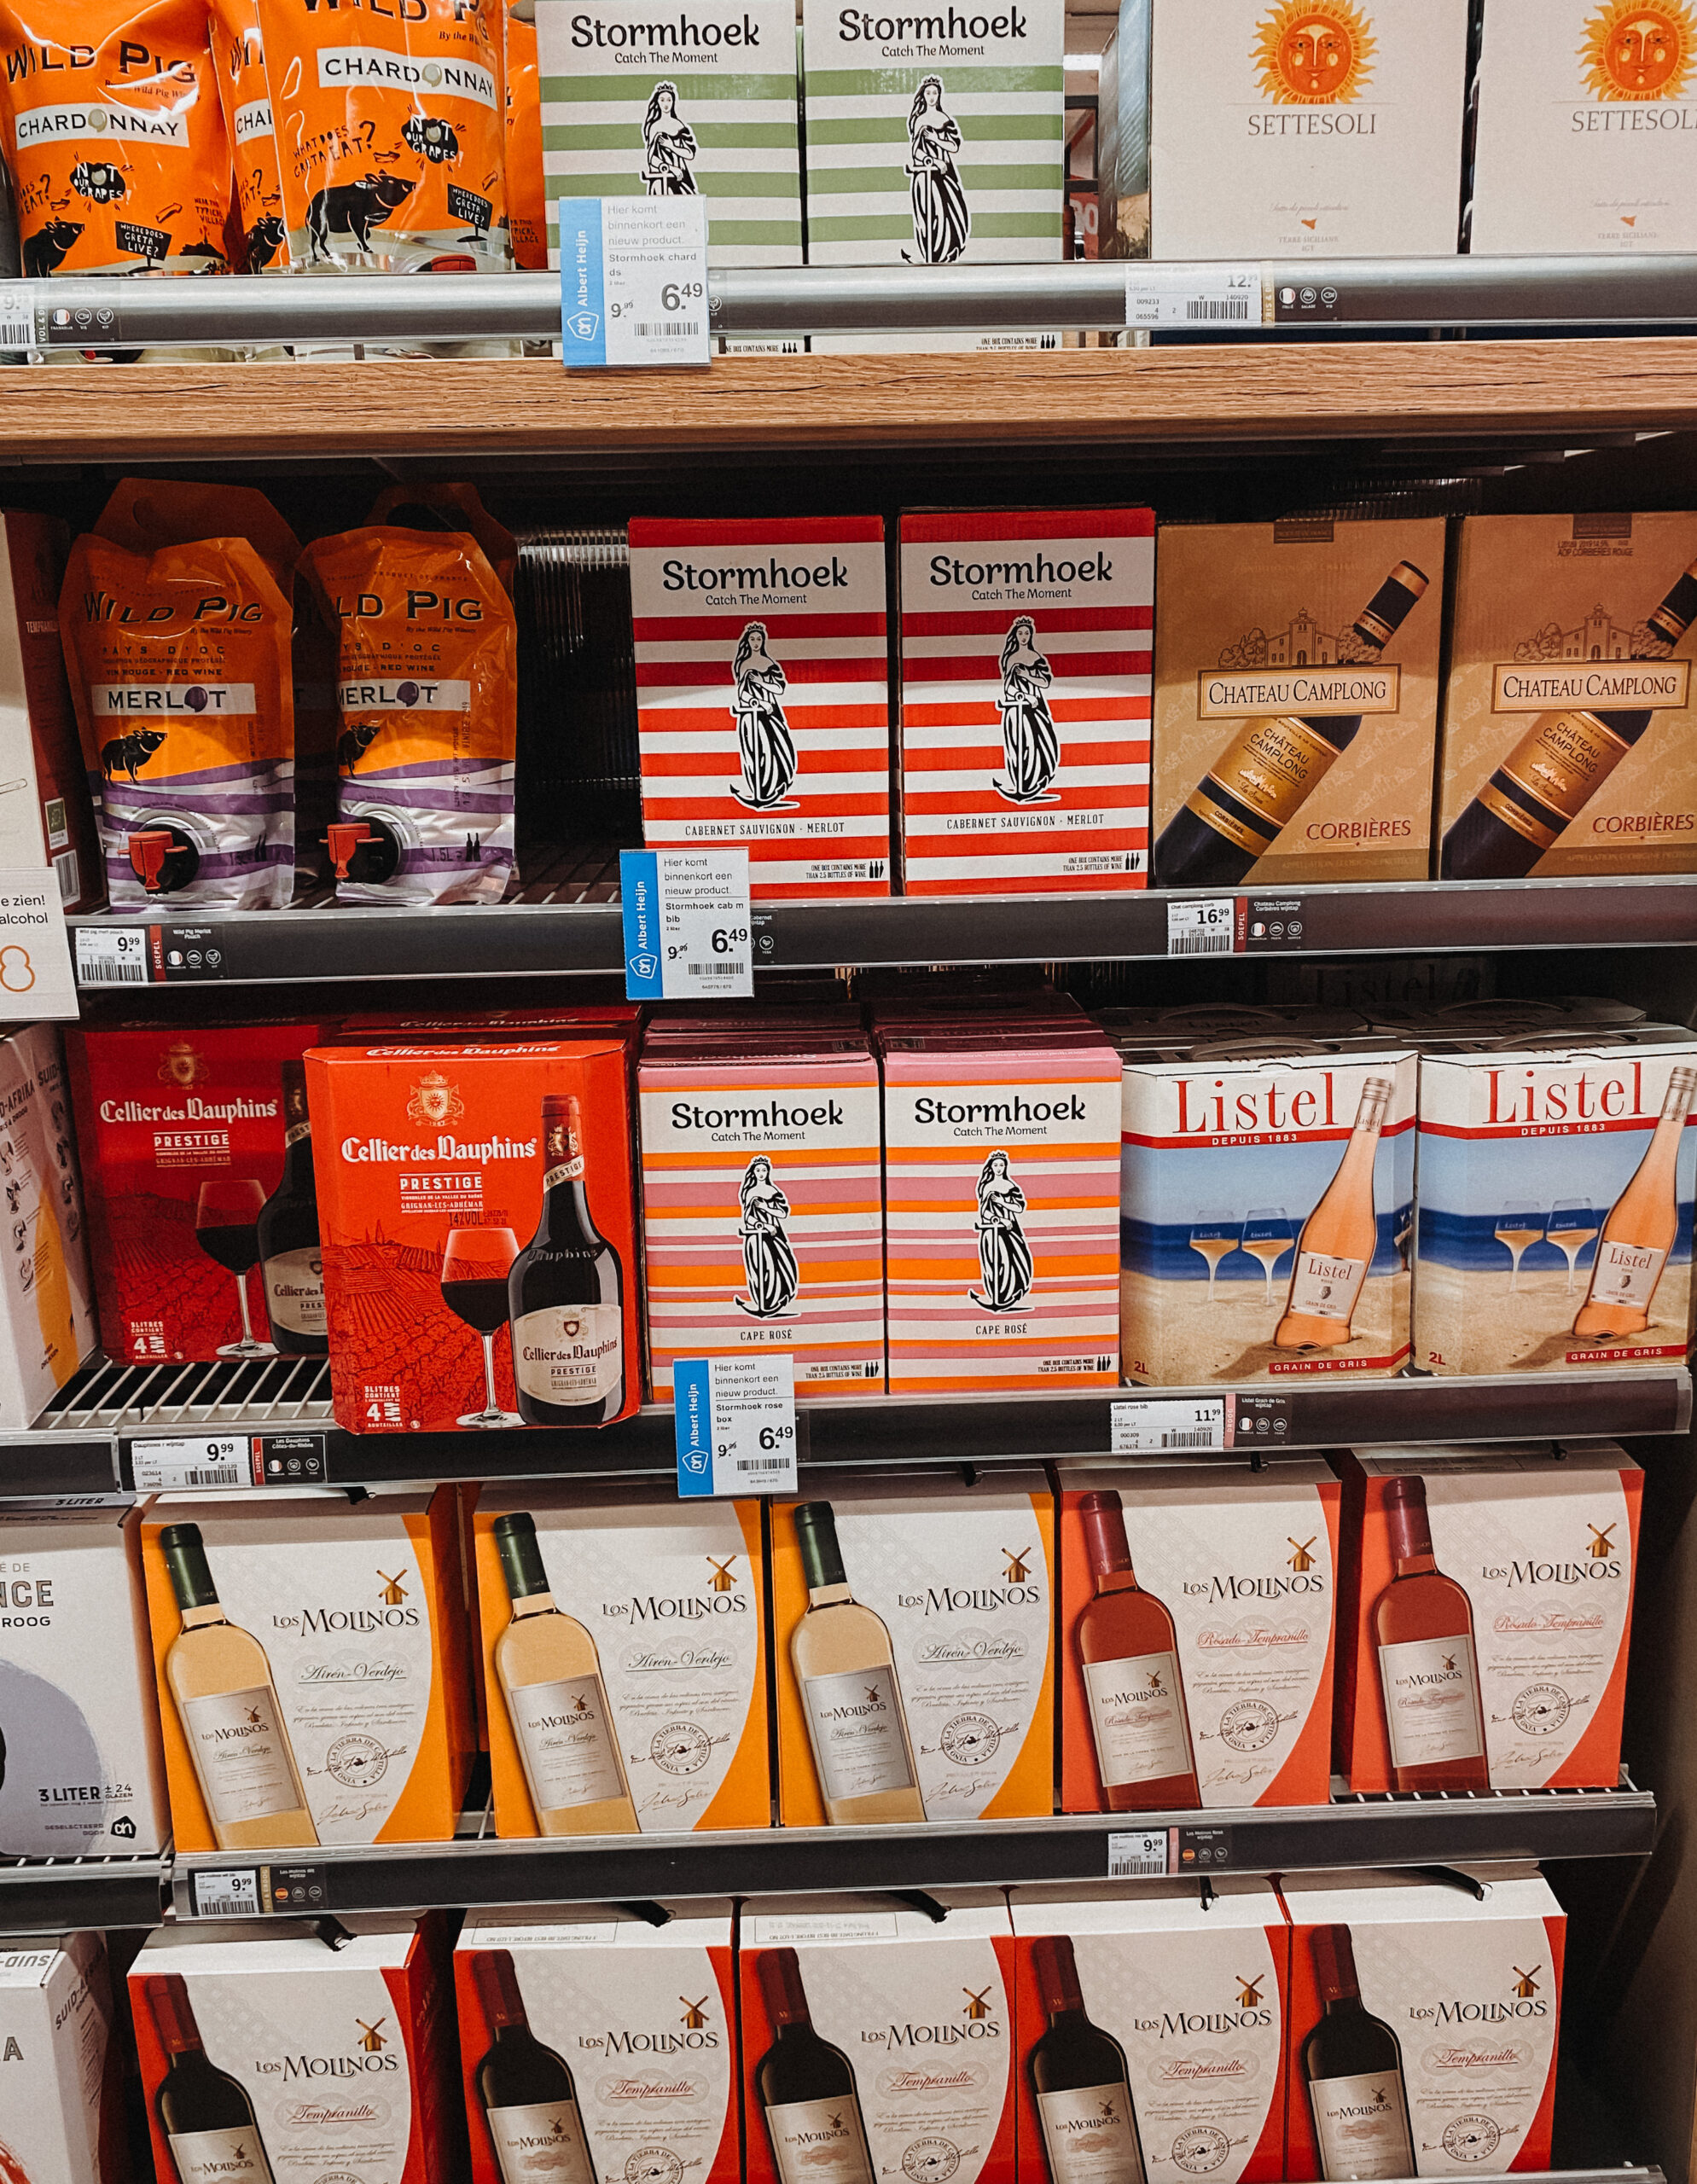 bag in box wijnen ah - pakwijnen ah - ah wijnbox